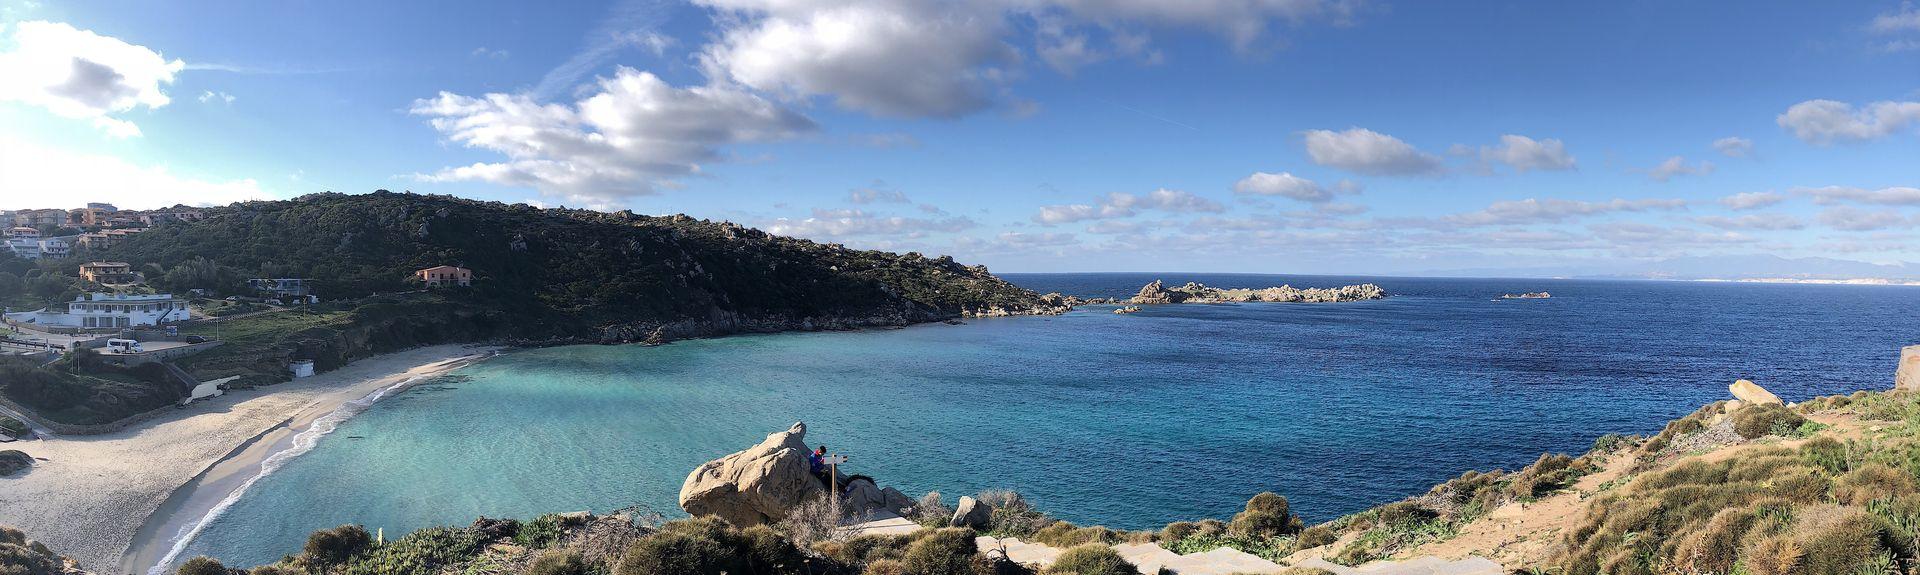 Ruoni, Santa Teresa di Gallura, Sardinia, Italy